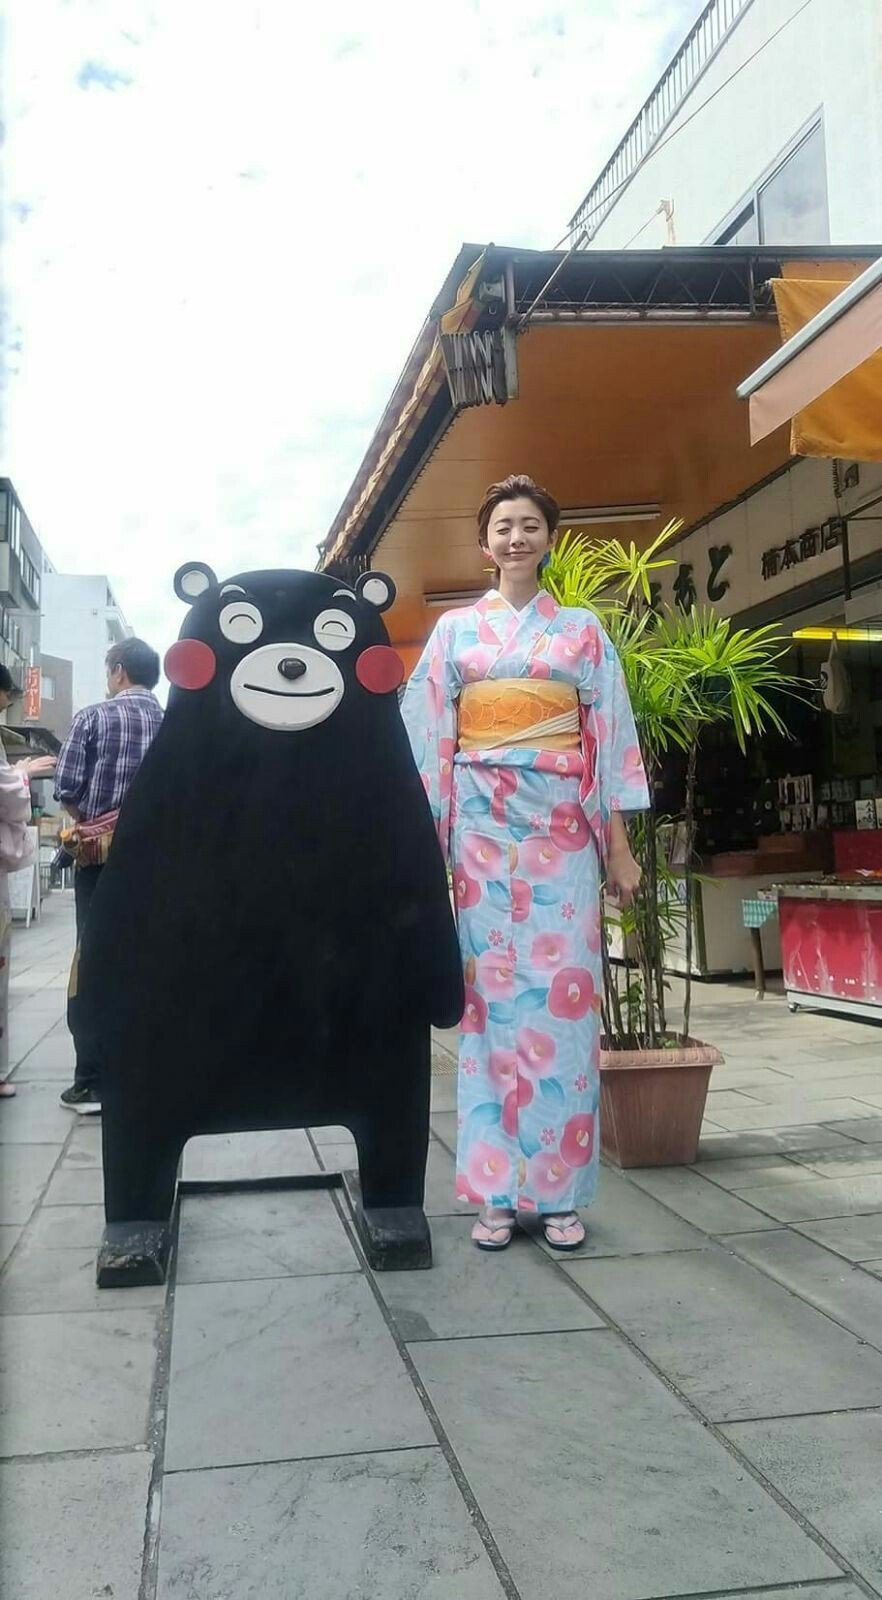 夏如芝前往日本熊本縣出外景,還學熊本熊看板可愛表情。圖/伊林提供